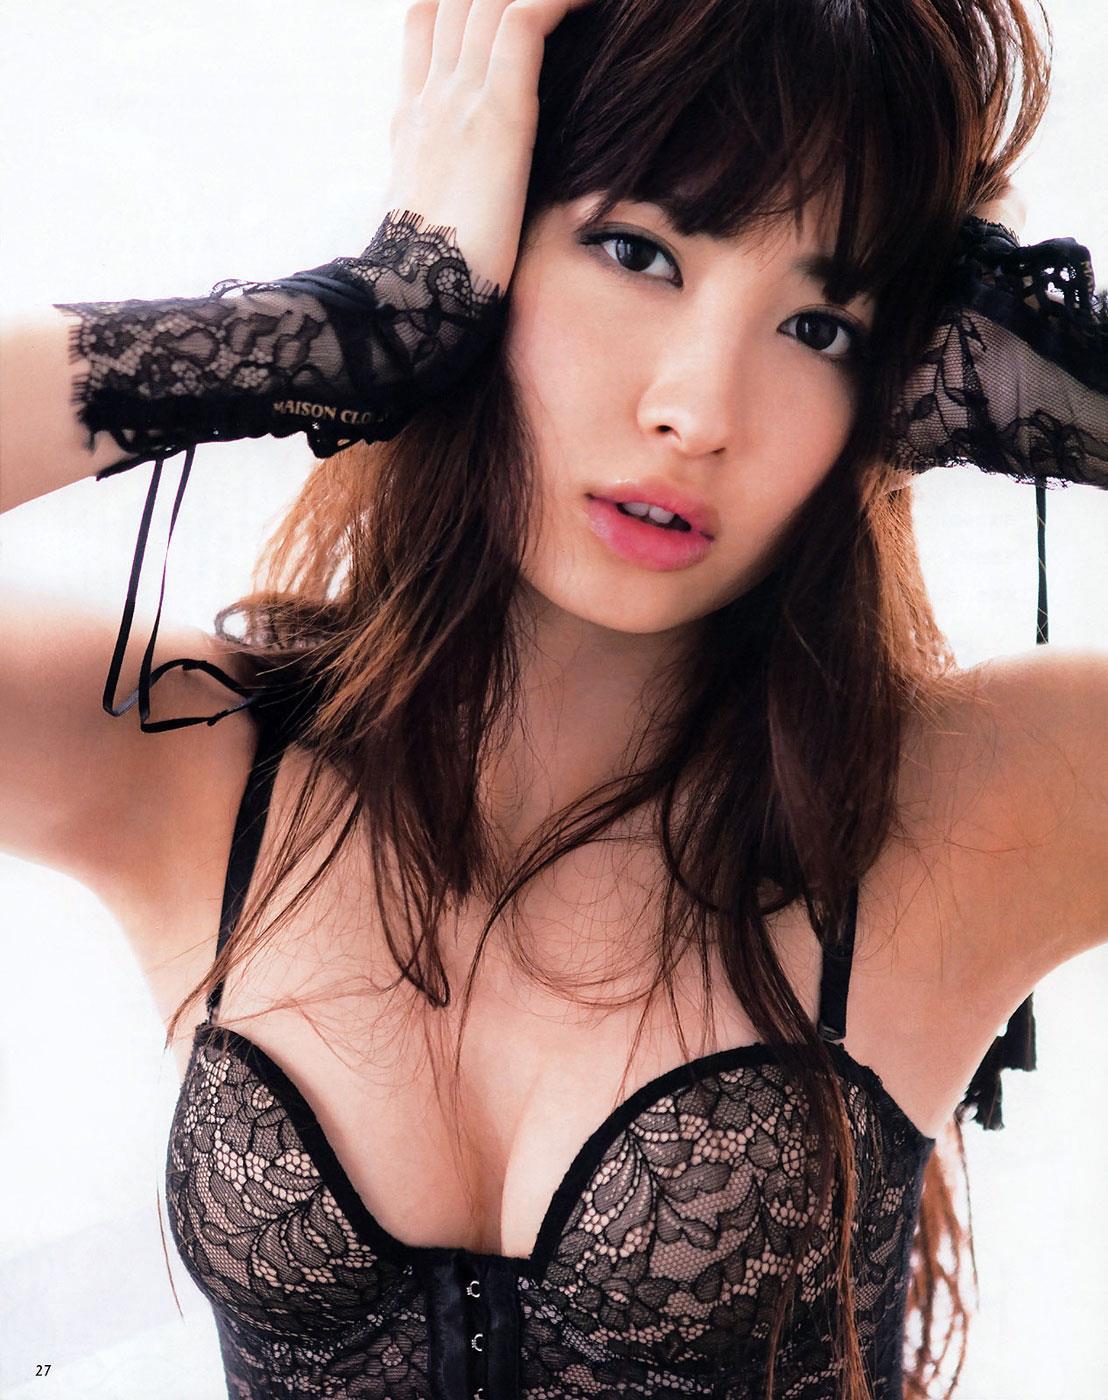 小嶋陽菜 ランジェリー画像 68